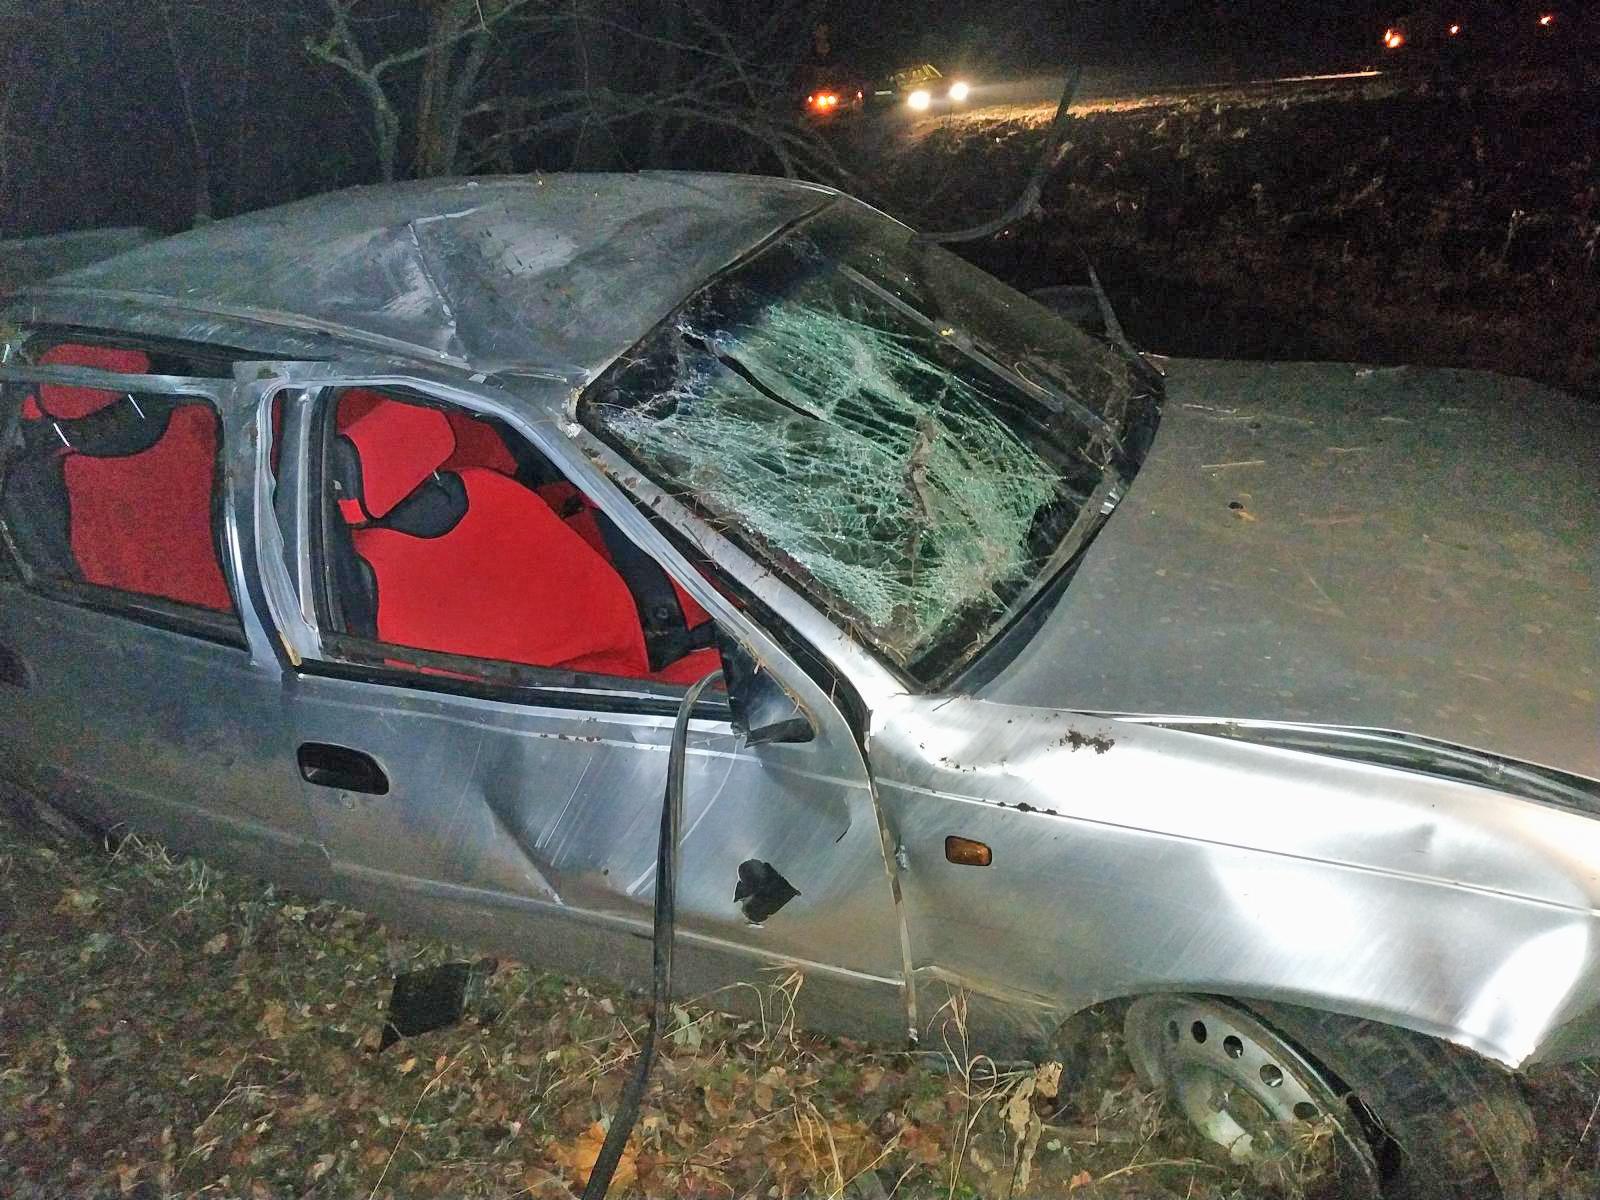 В Первомайском районе иномарка вылетела в кювет: есть пострадавшие